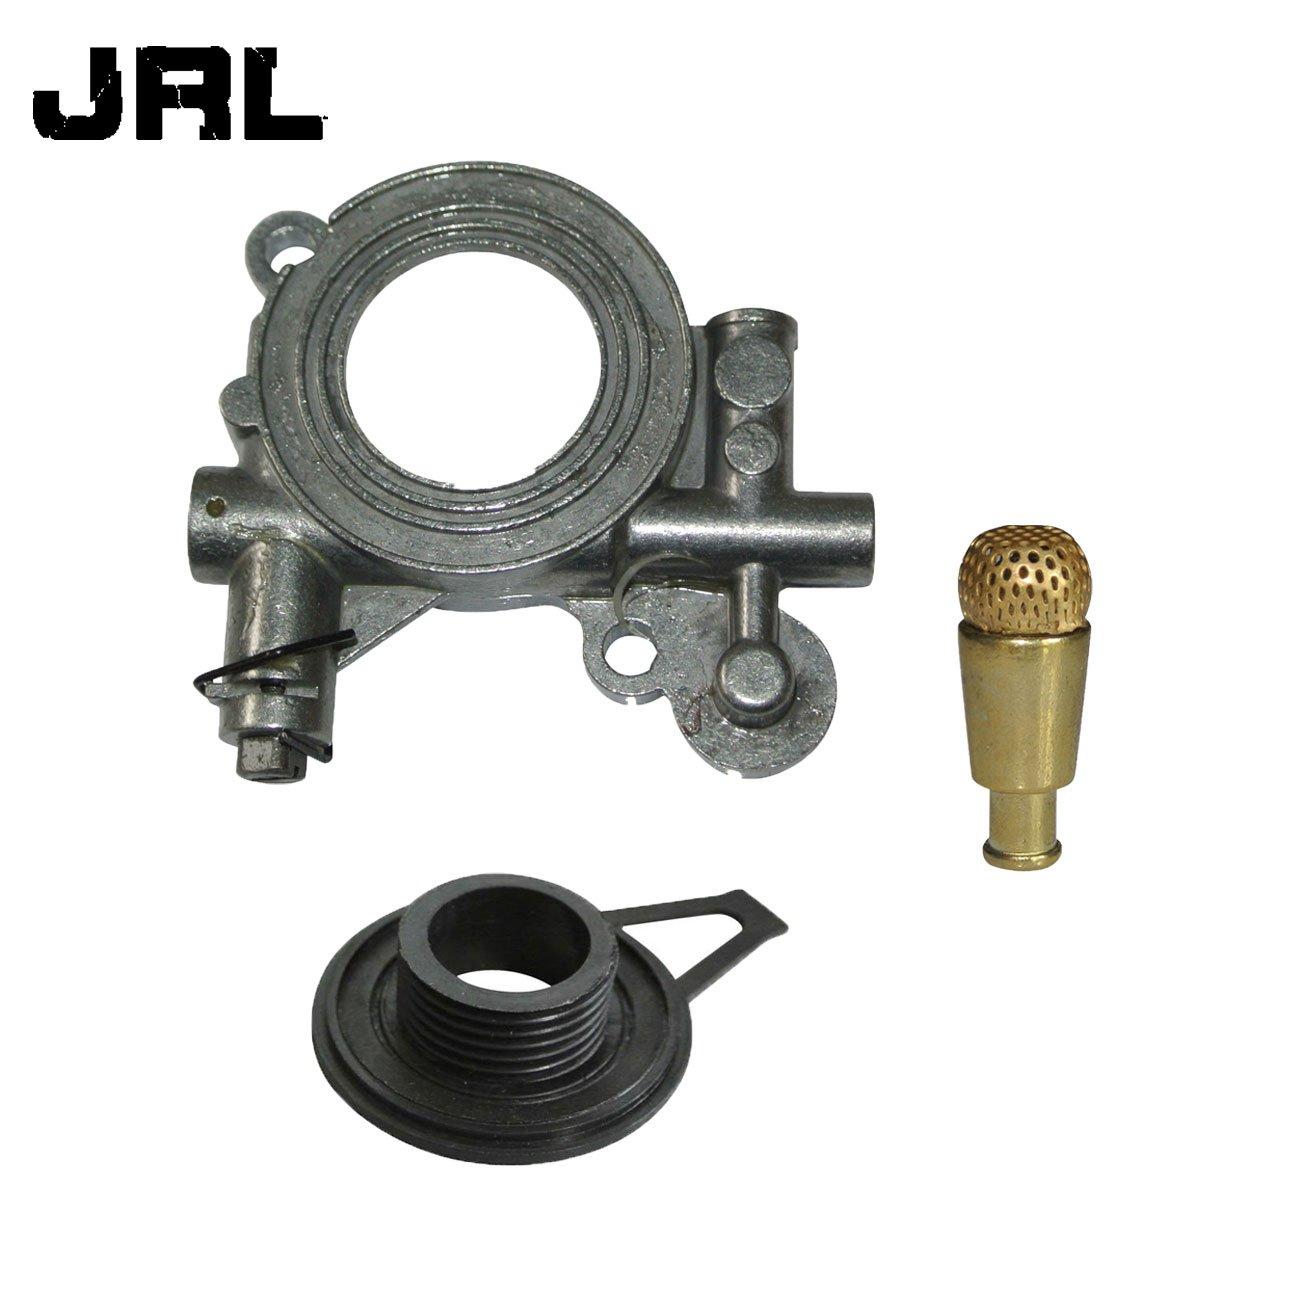 JRL Pompe /à huile et WORM Gear et filtre /à huile pour Husqvarna 362/365/371/372/XP 385/390/mod/èles